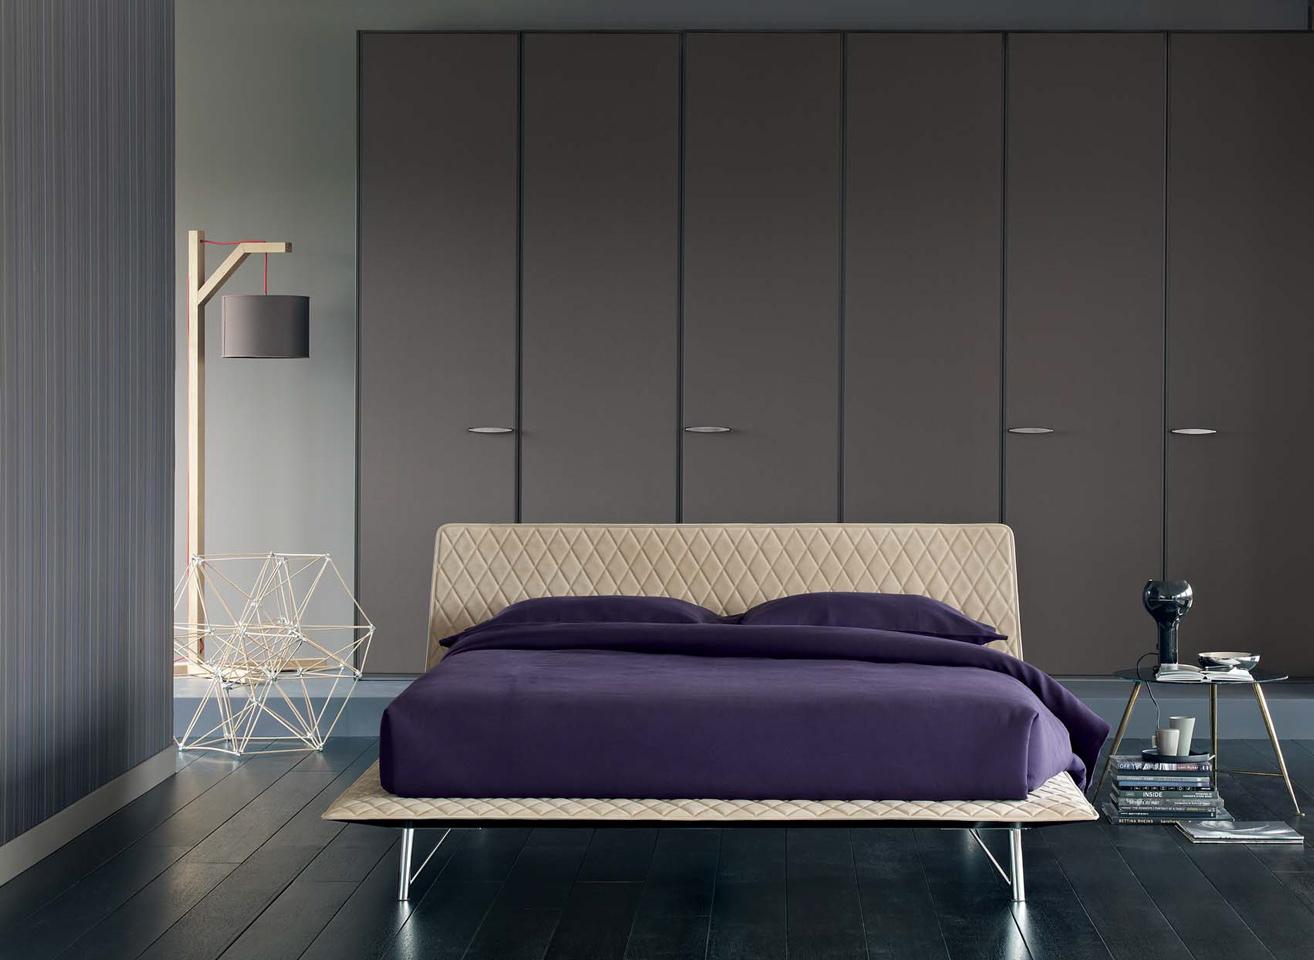 Super Neue Schlafzimmer Look Flou Malerei Tipps F R Start 2396066